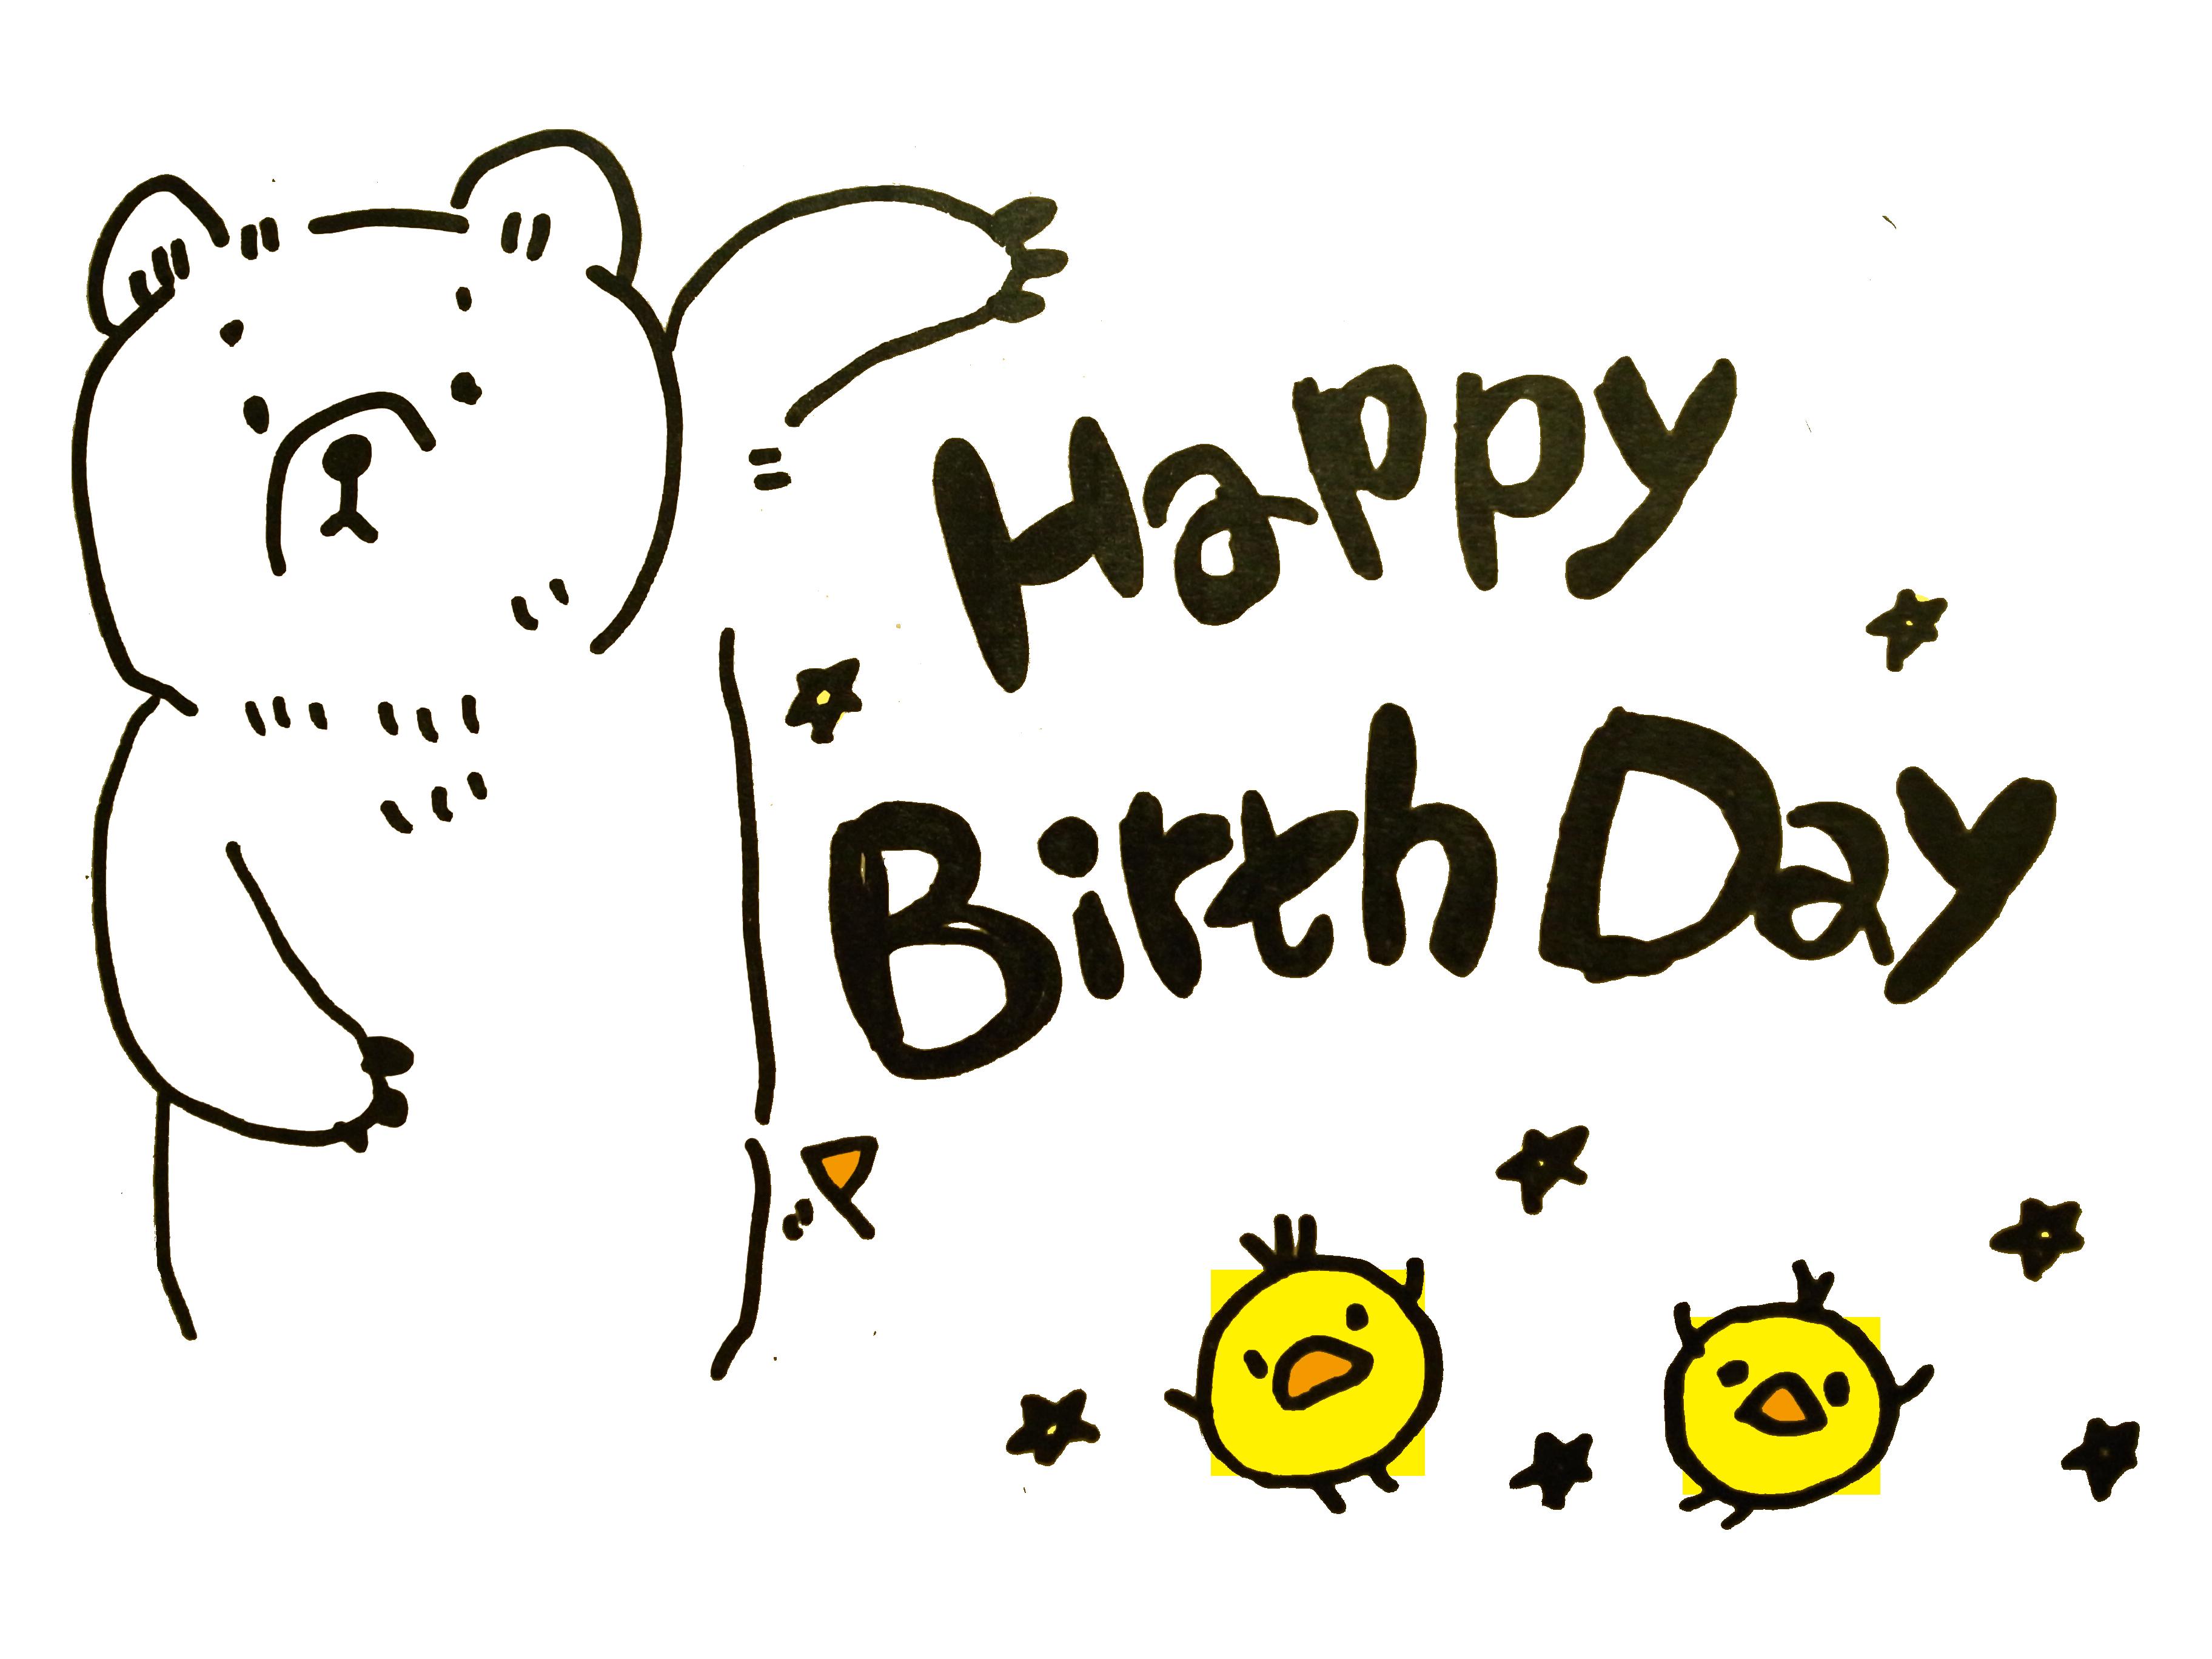 誕生日おめでとう(happy birthday)用のイラスト | ゆるくてかわいい